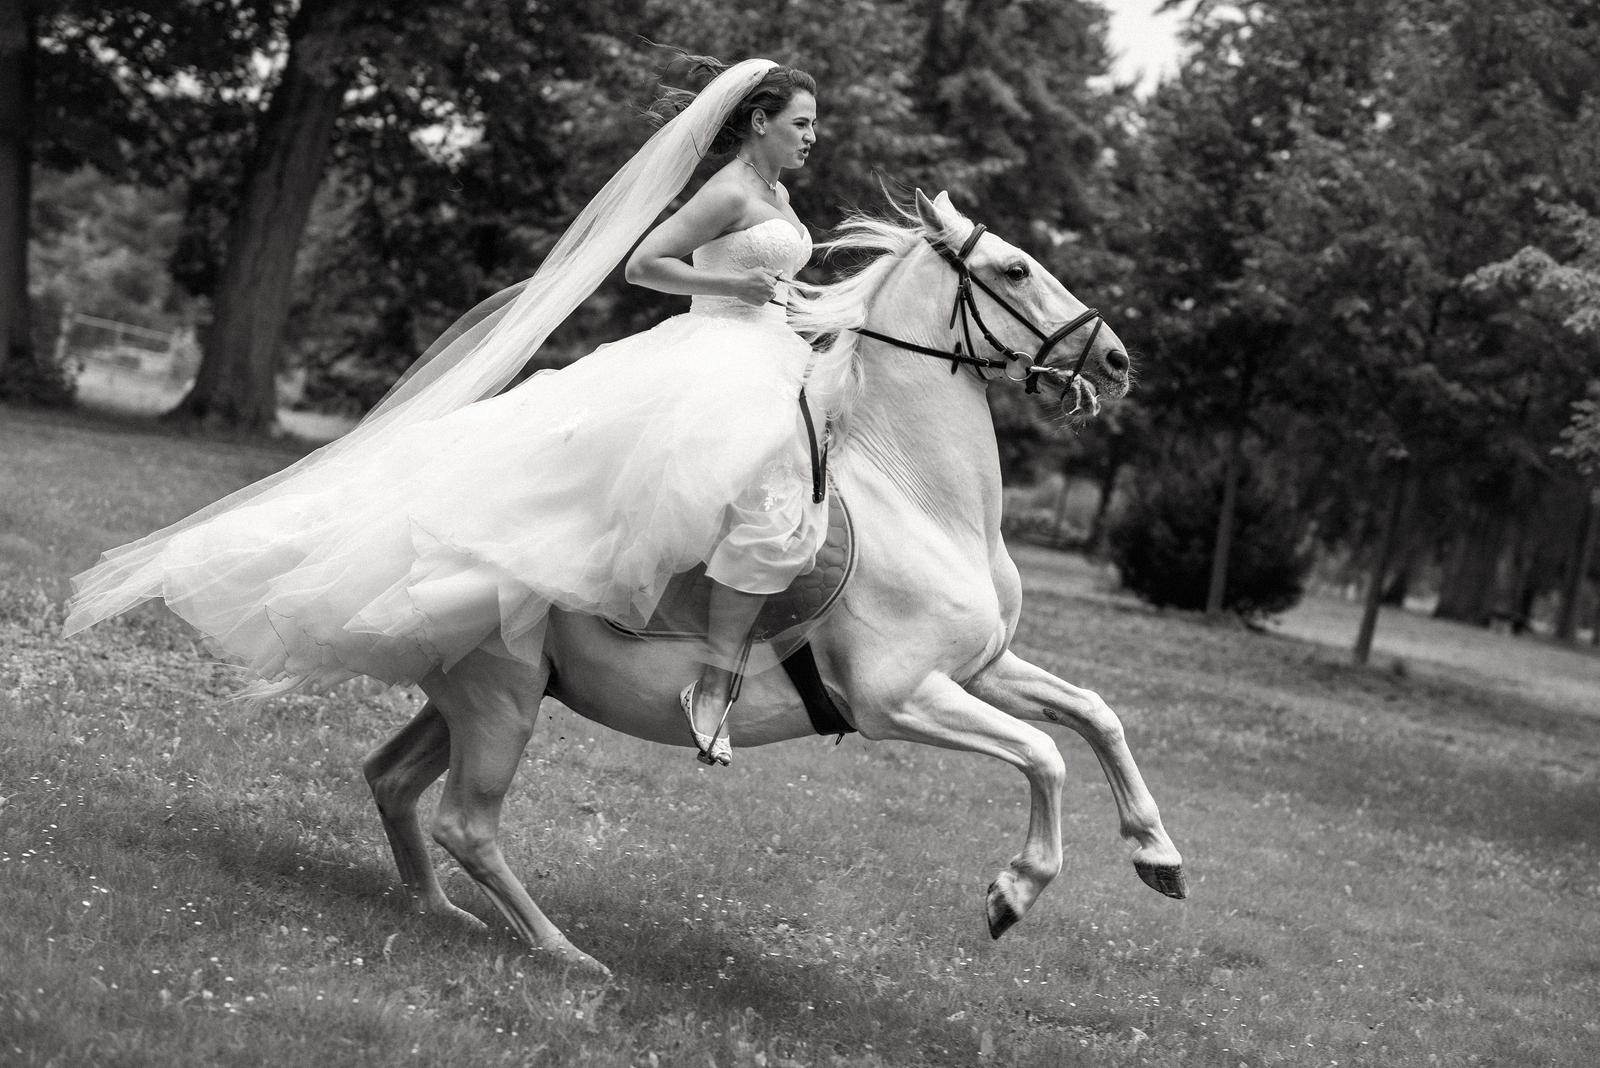 Adéla{{_AND_}}Antonín - Chtěl ze mě udělat nevěstu na útěku...nedala jsem se :D